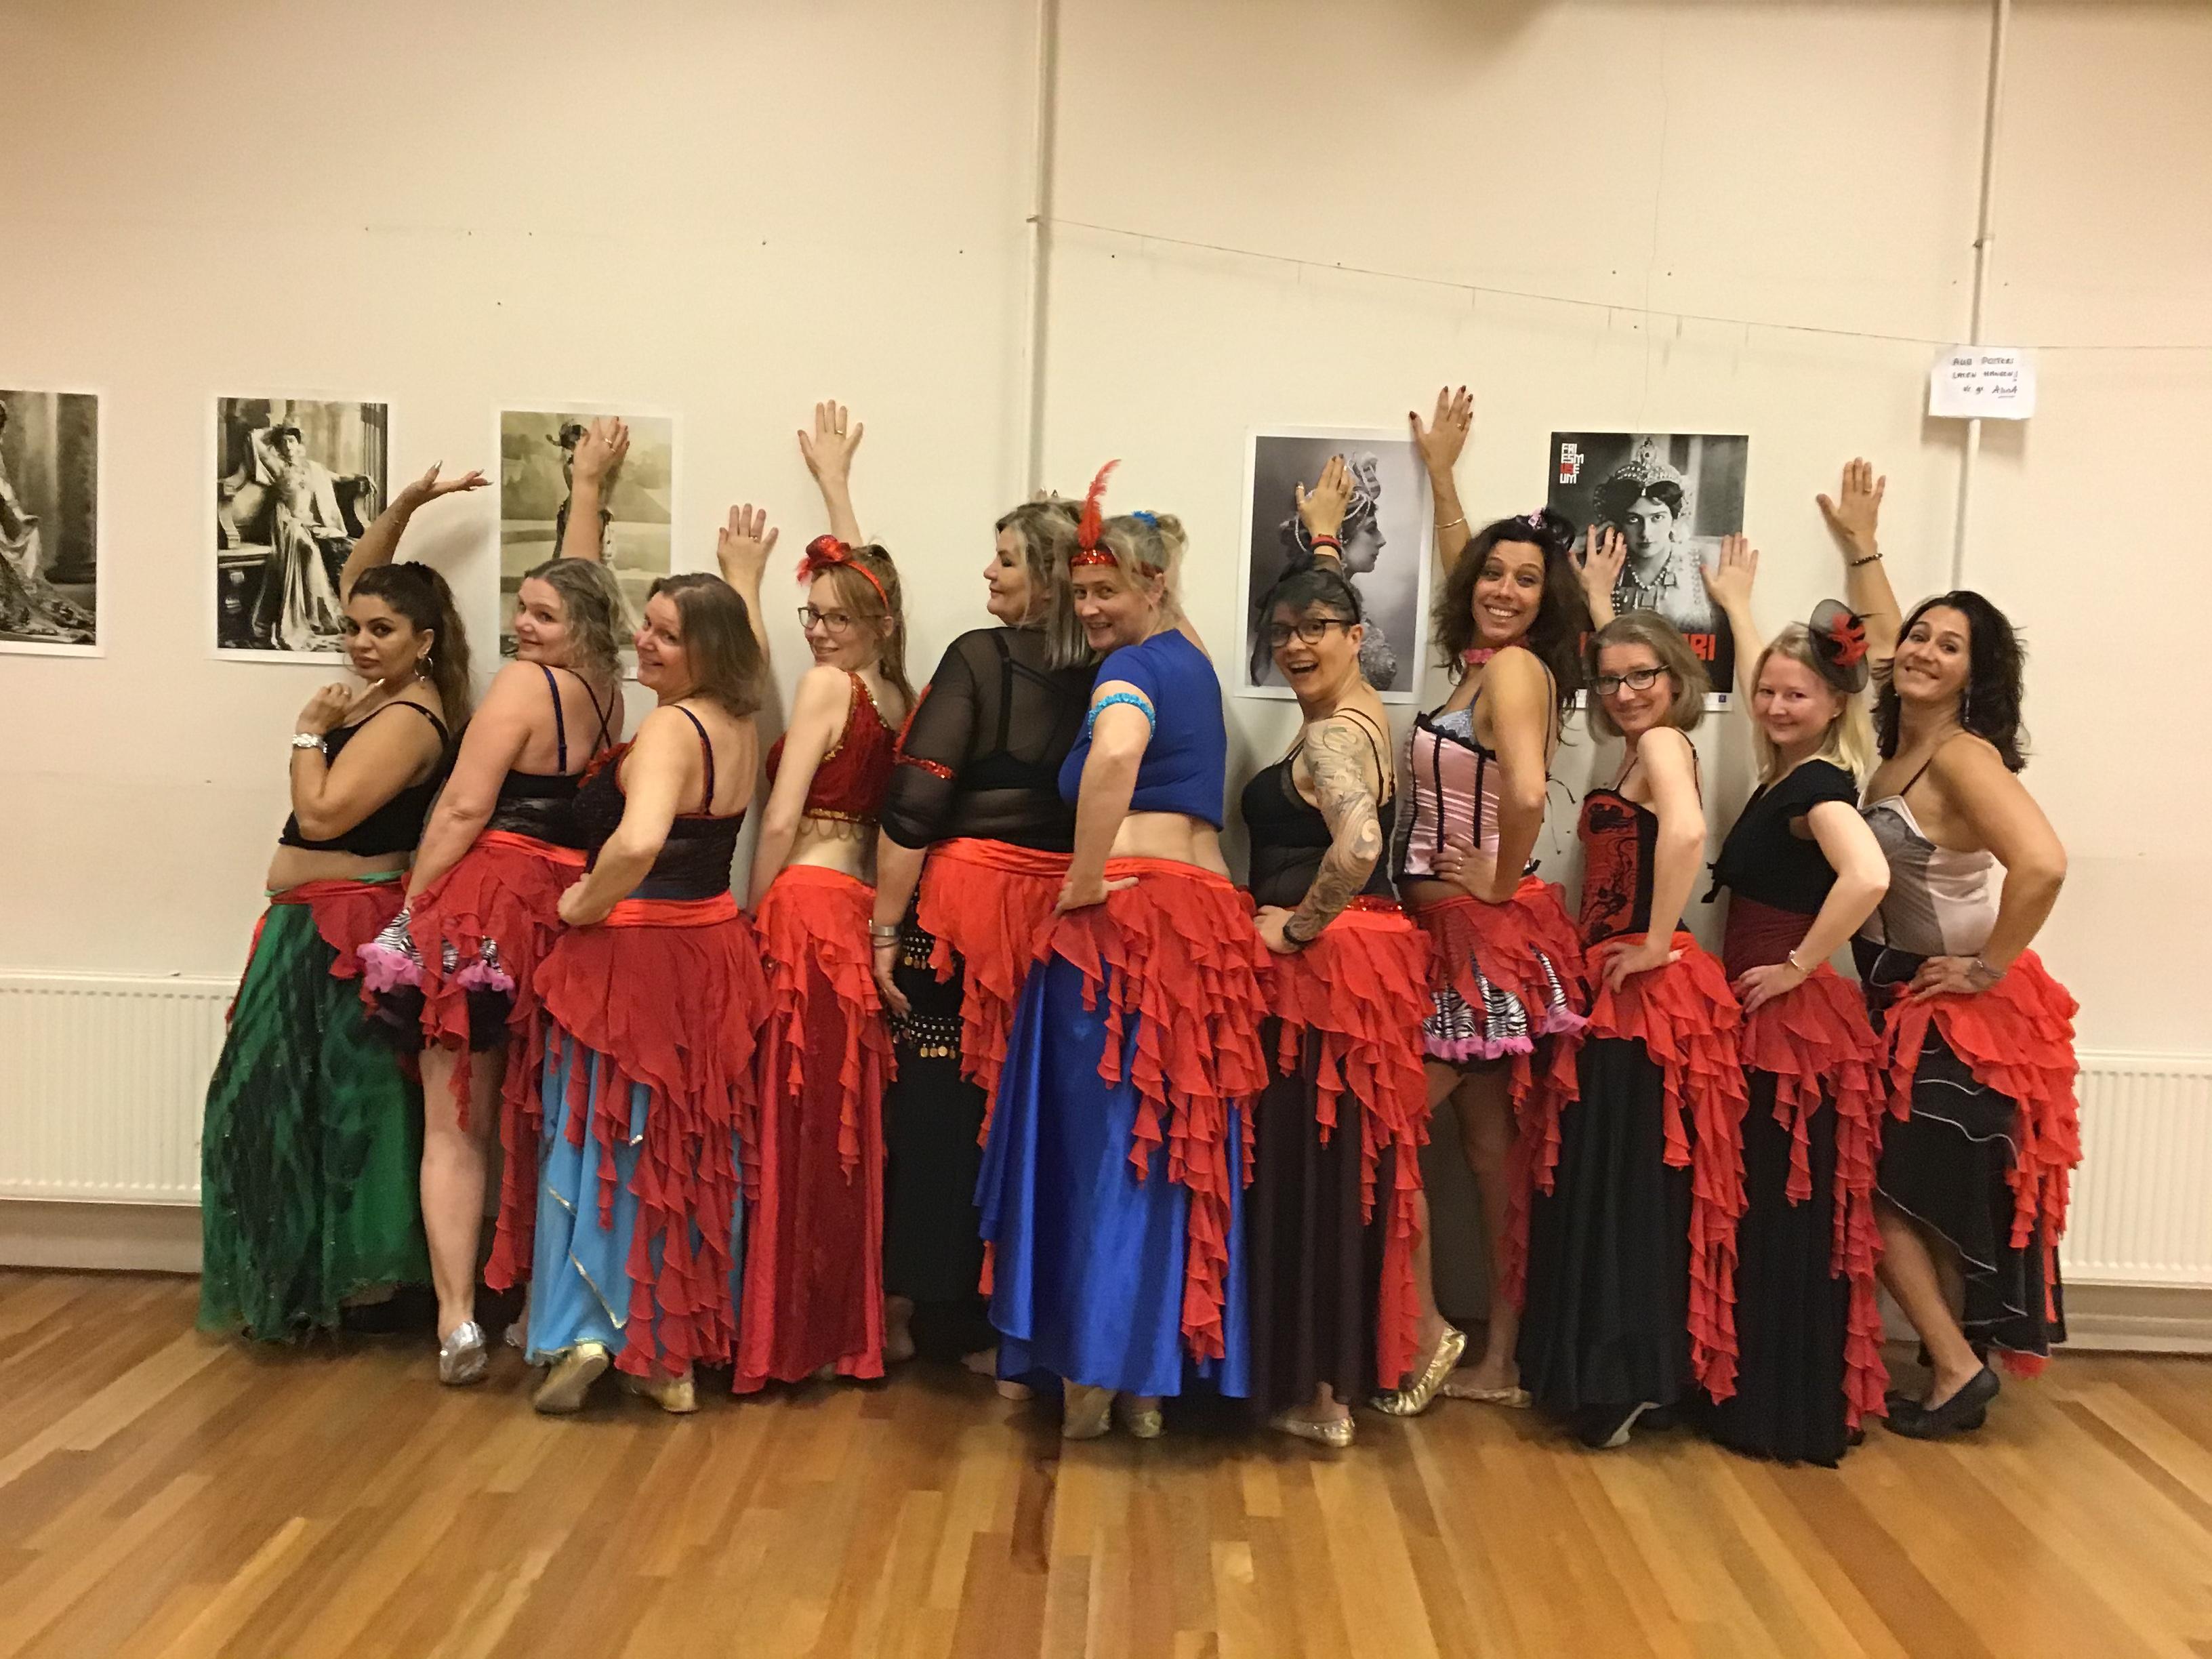 Buikdansschool Alina in Hoorn gaat 'Moulin Rouge': 'Niet ordinair of goedkoop'